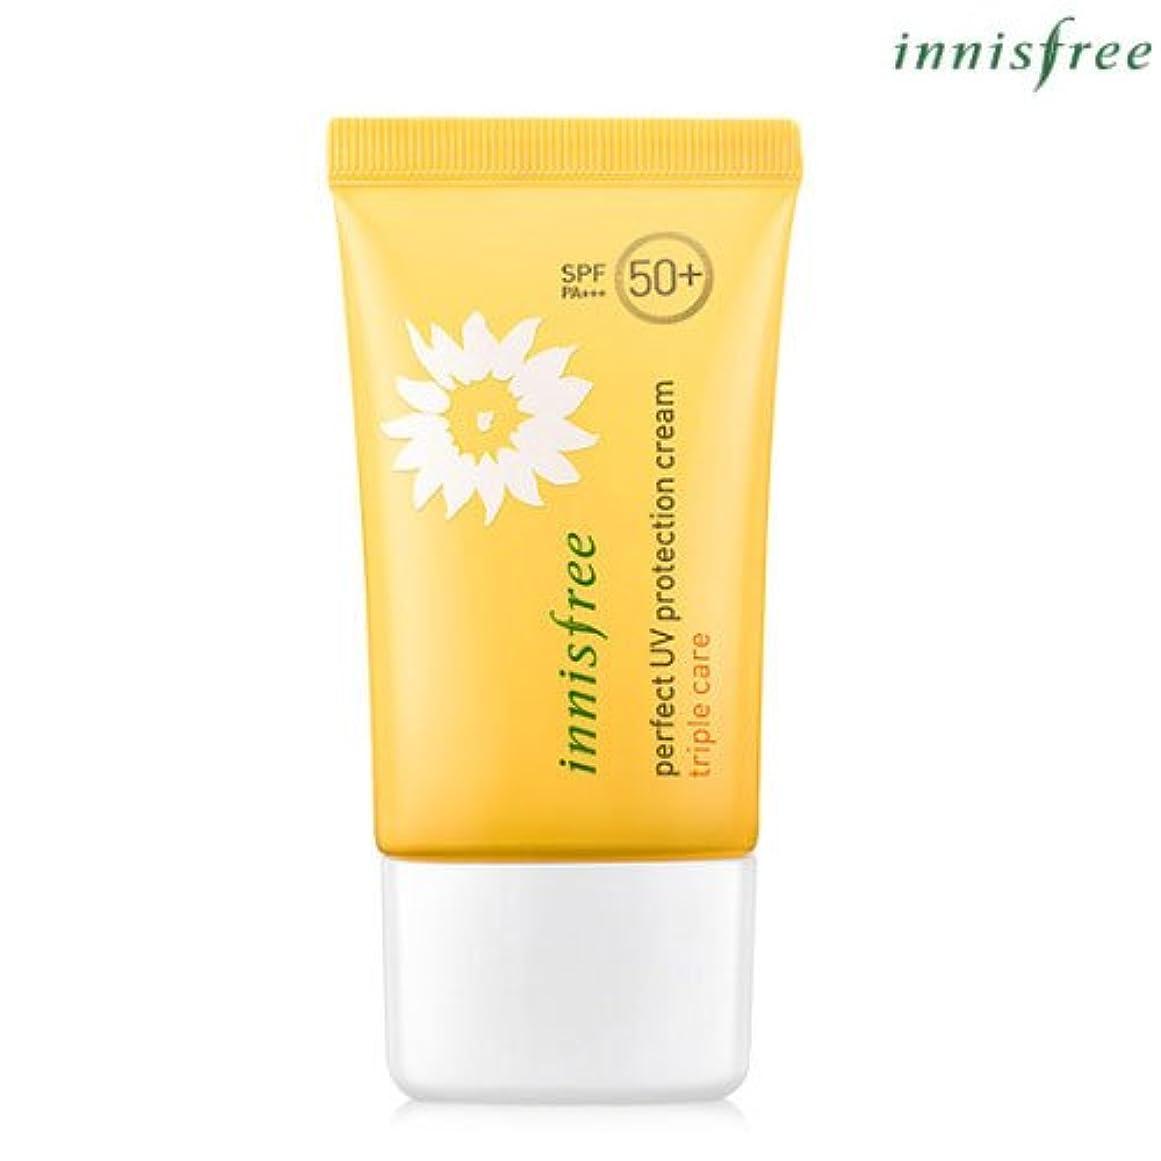 ターゲット怒ってスリップシューズ[INNISFREE]イニスフリーパーフェクトUV プロテクション クリームトリプルケアSPF50+ PA+++ 50mL perfect UV protection cream triple care SPF50+ PA...